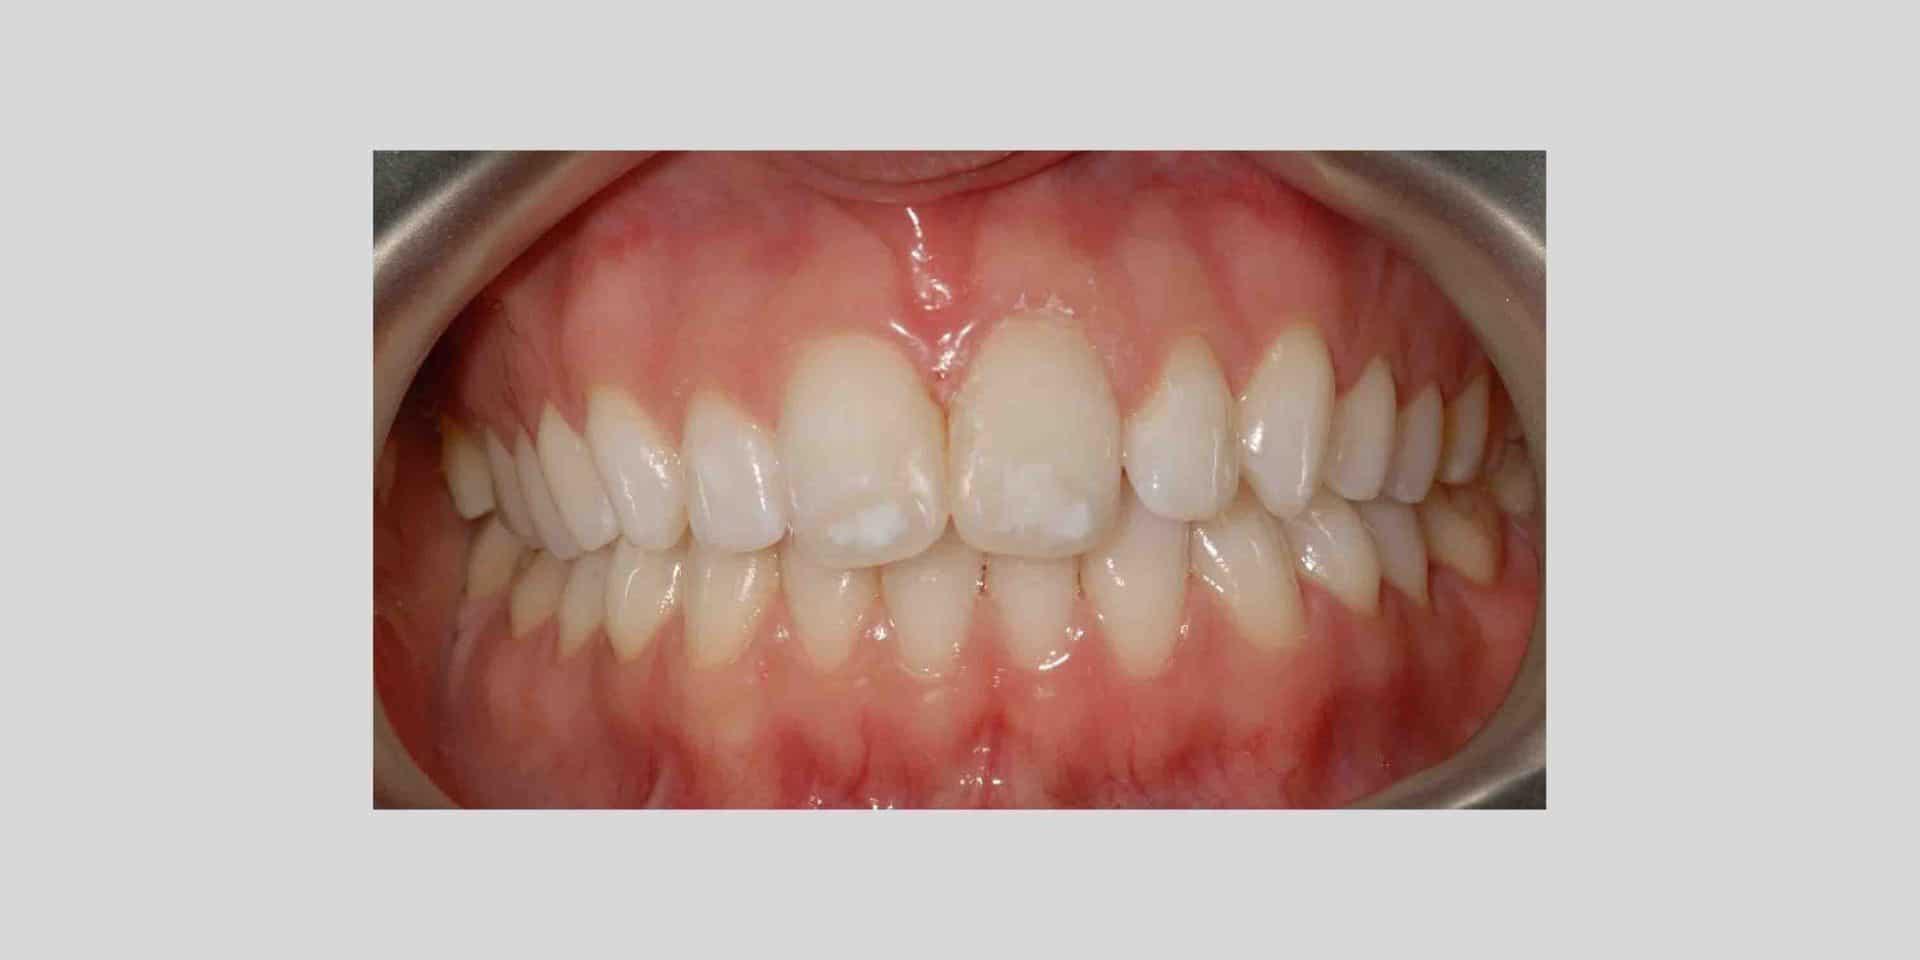 carie 2 - Carie dentale prevenire con un sorriso